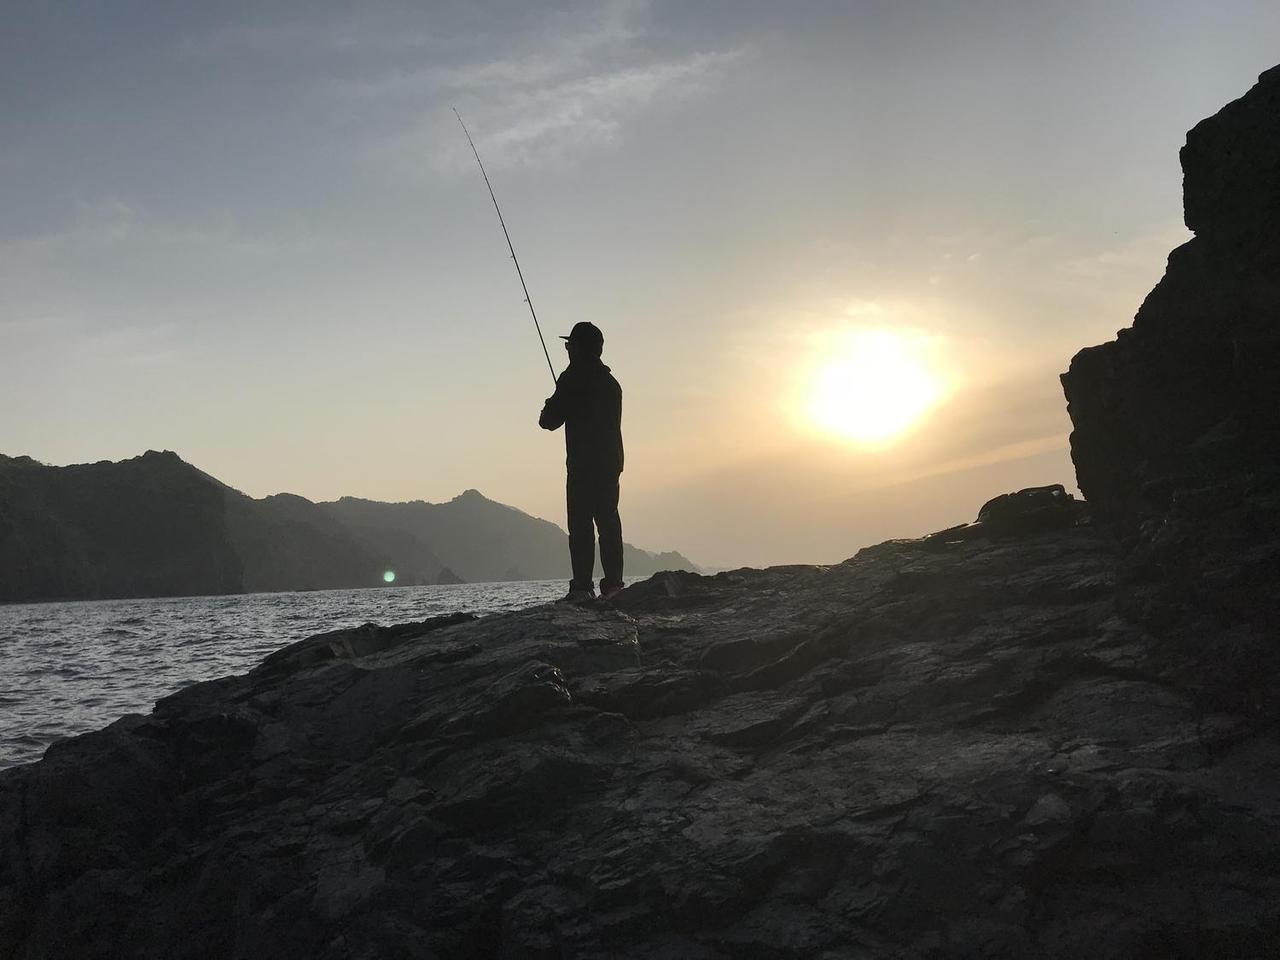 画像: 釣り用インナーウェアは季節によって変えるべし 夏など暑い季節は通気性、寒い季節は保温性を重視しよう